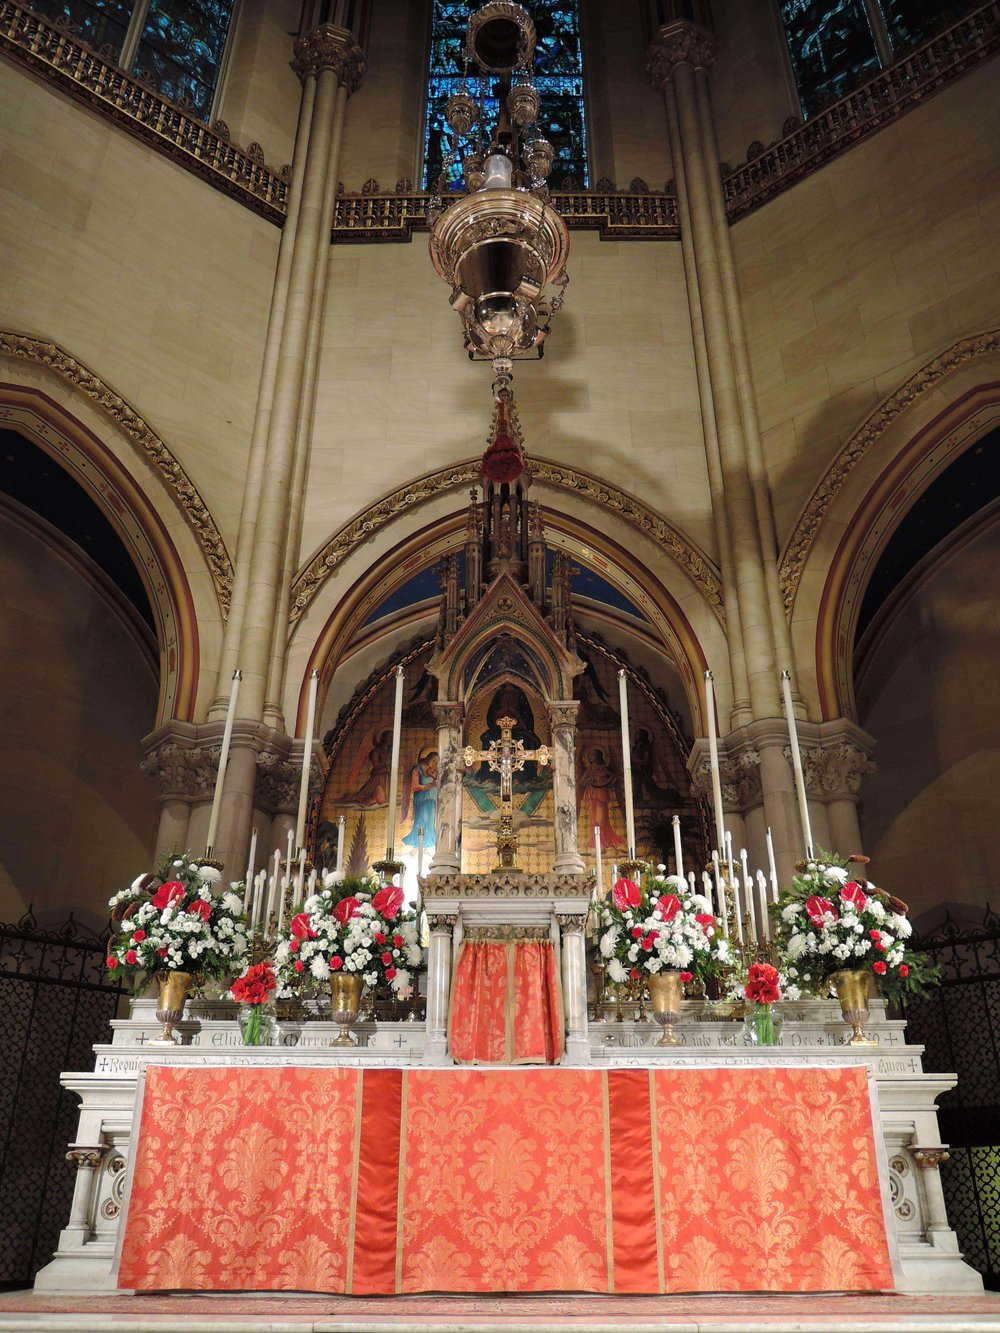 The High Altar on Christmas Eve